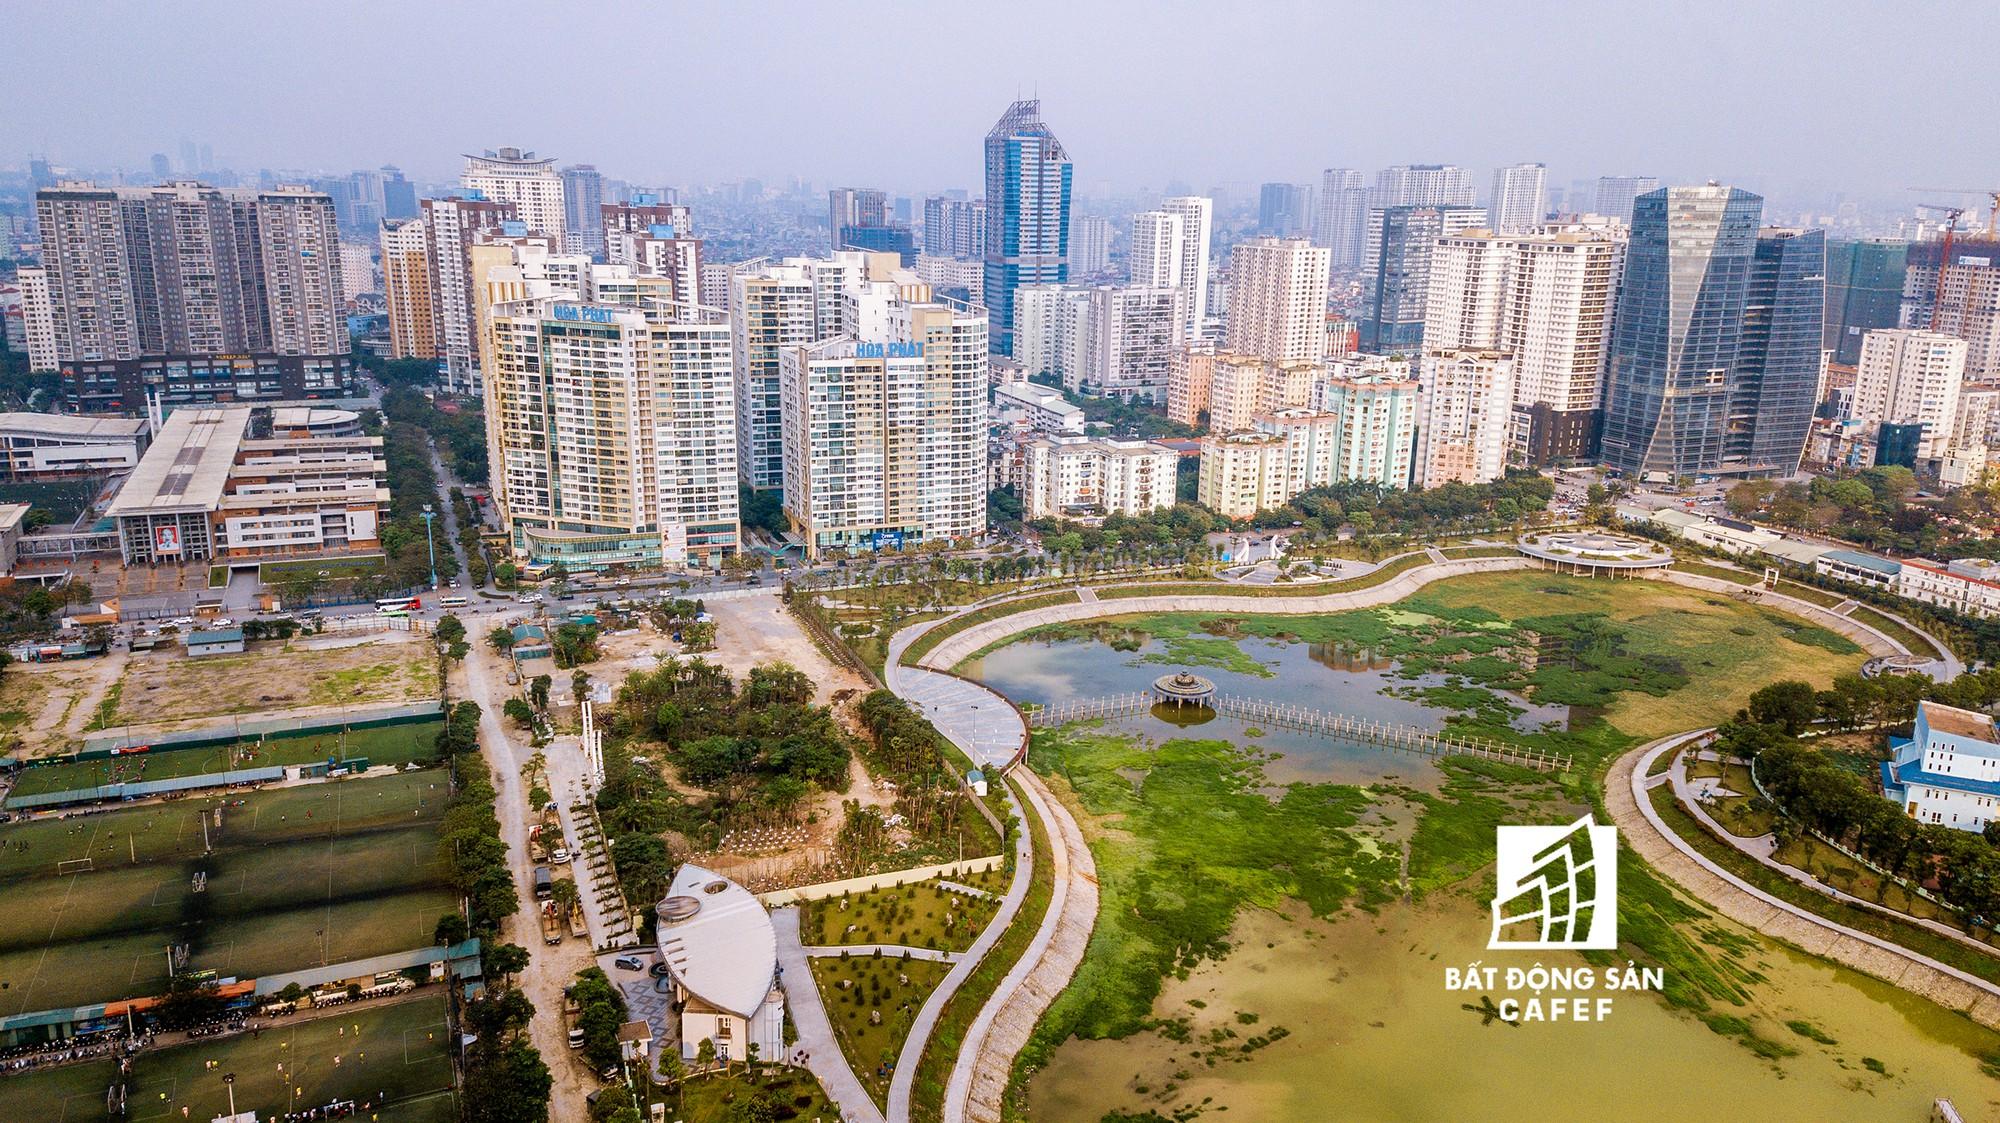 Toàn cảnh rừng cao ốc đang bóp nghẹt khu đô thị kiểu mẫu bậc nhất Hà Nội - Ảnh 12.